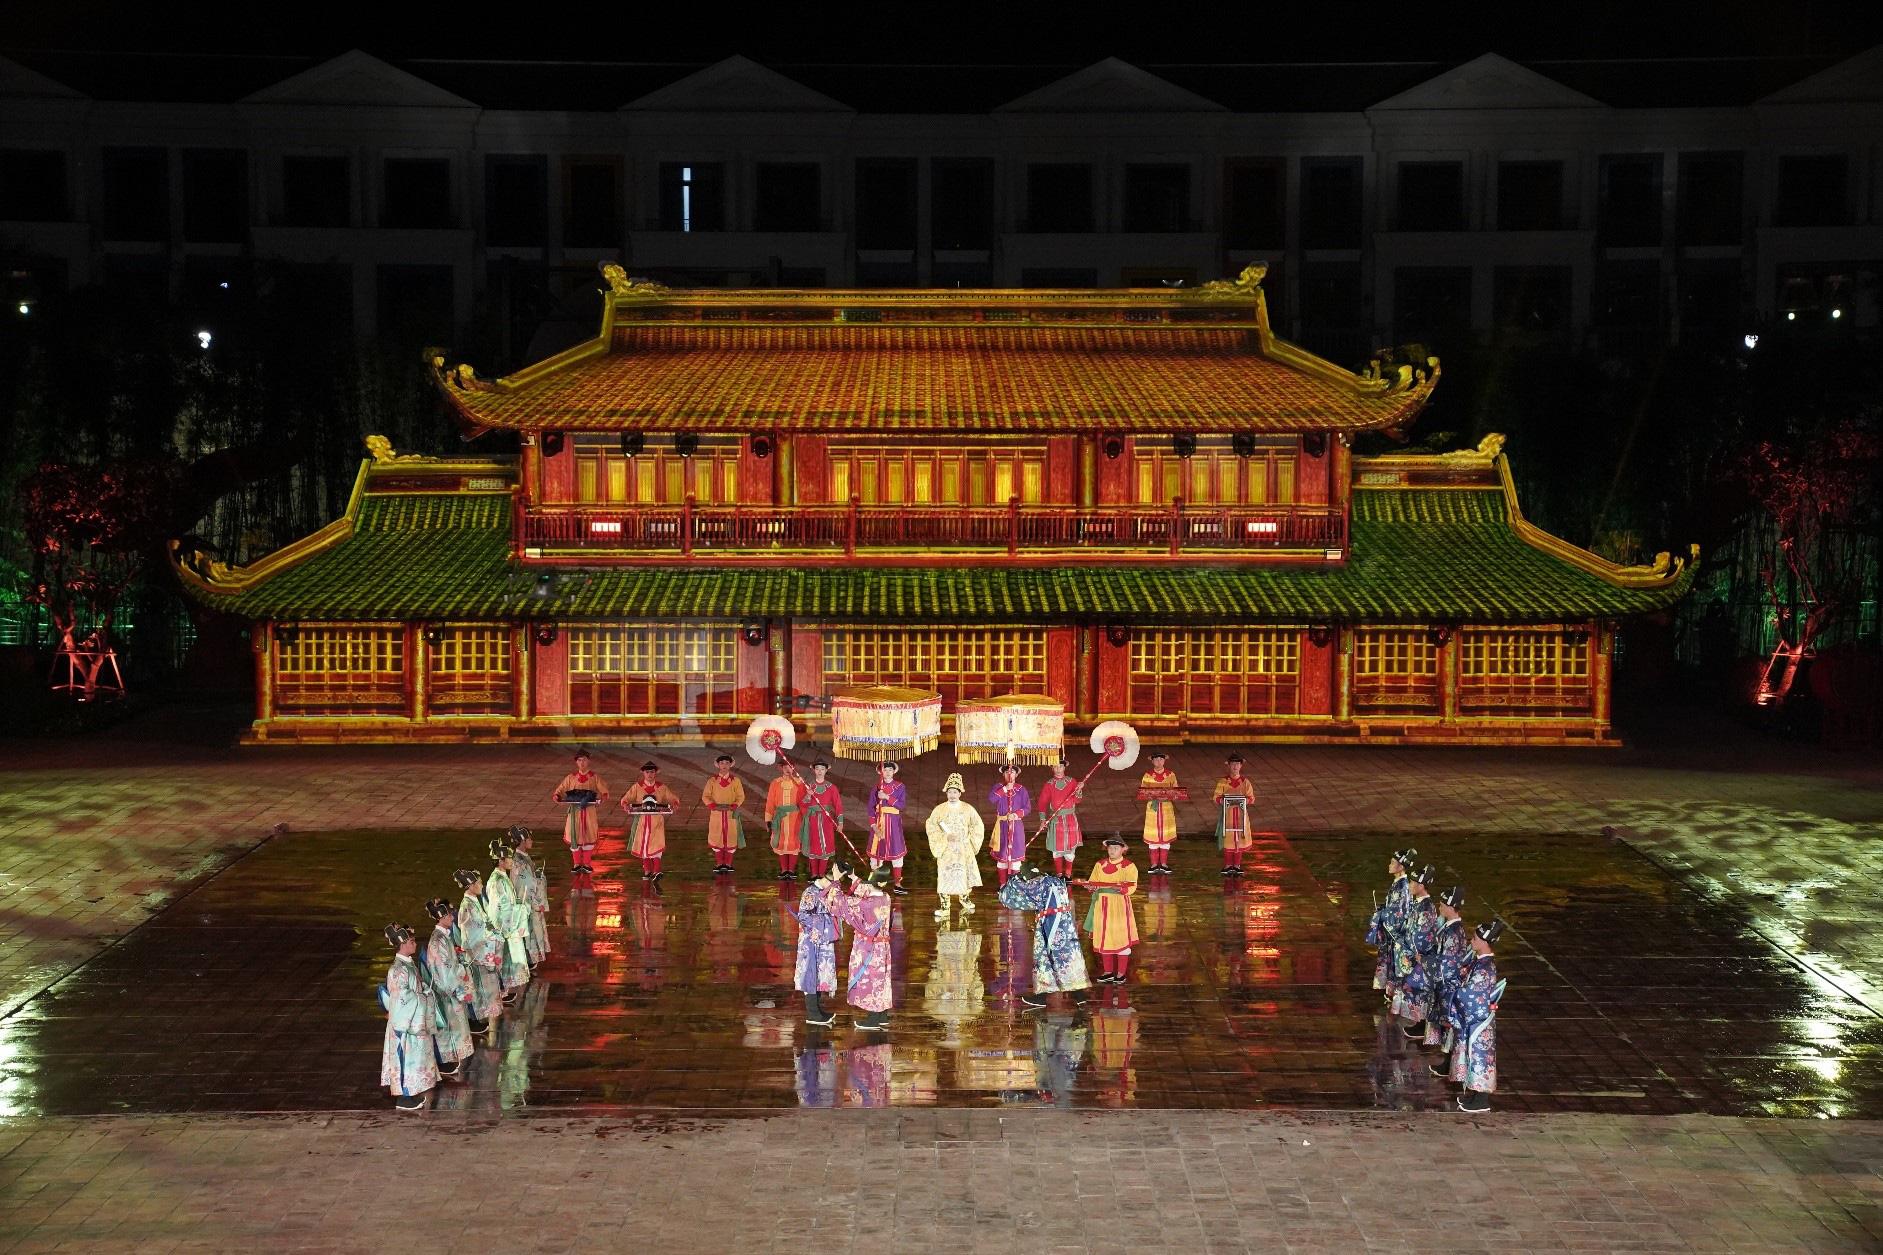 Vingroup khai trương siêu quần thể nghỉ dưỡng, vui chơi, giải trí hàng đầu Đông Nam Á - Phú Quốc United Center - Ảnh 12.